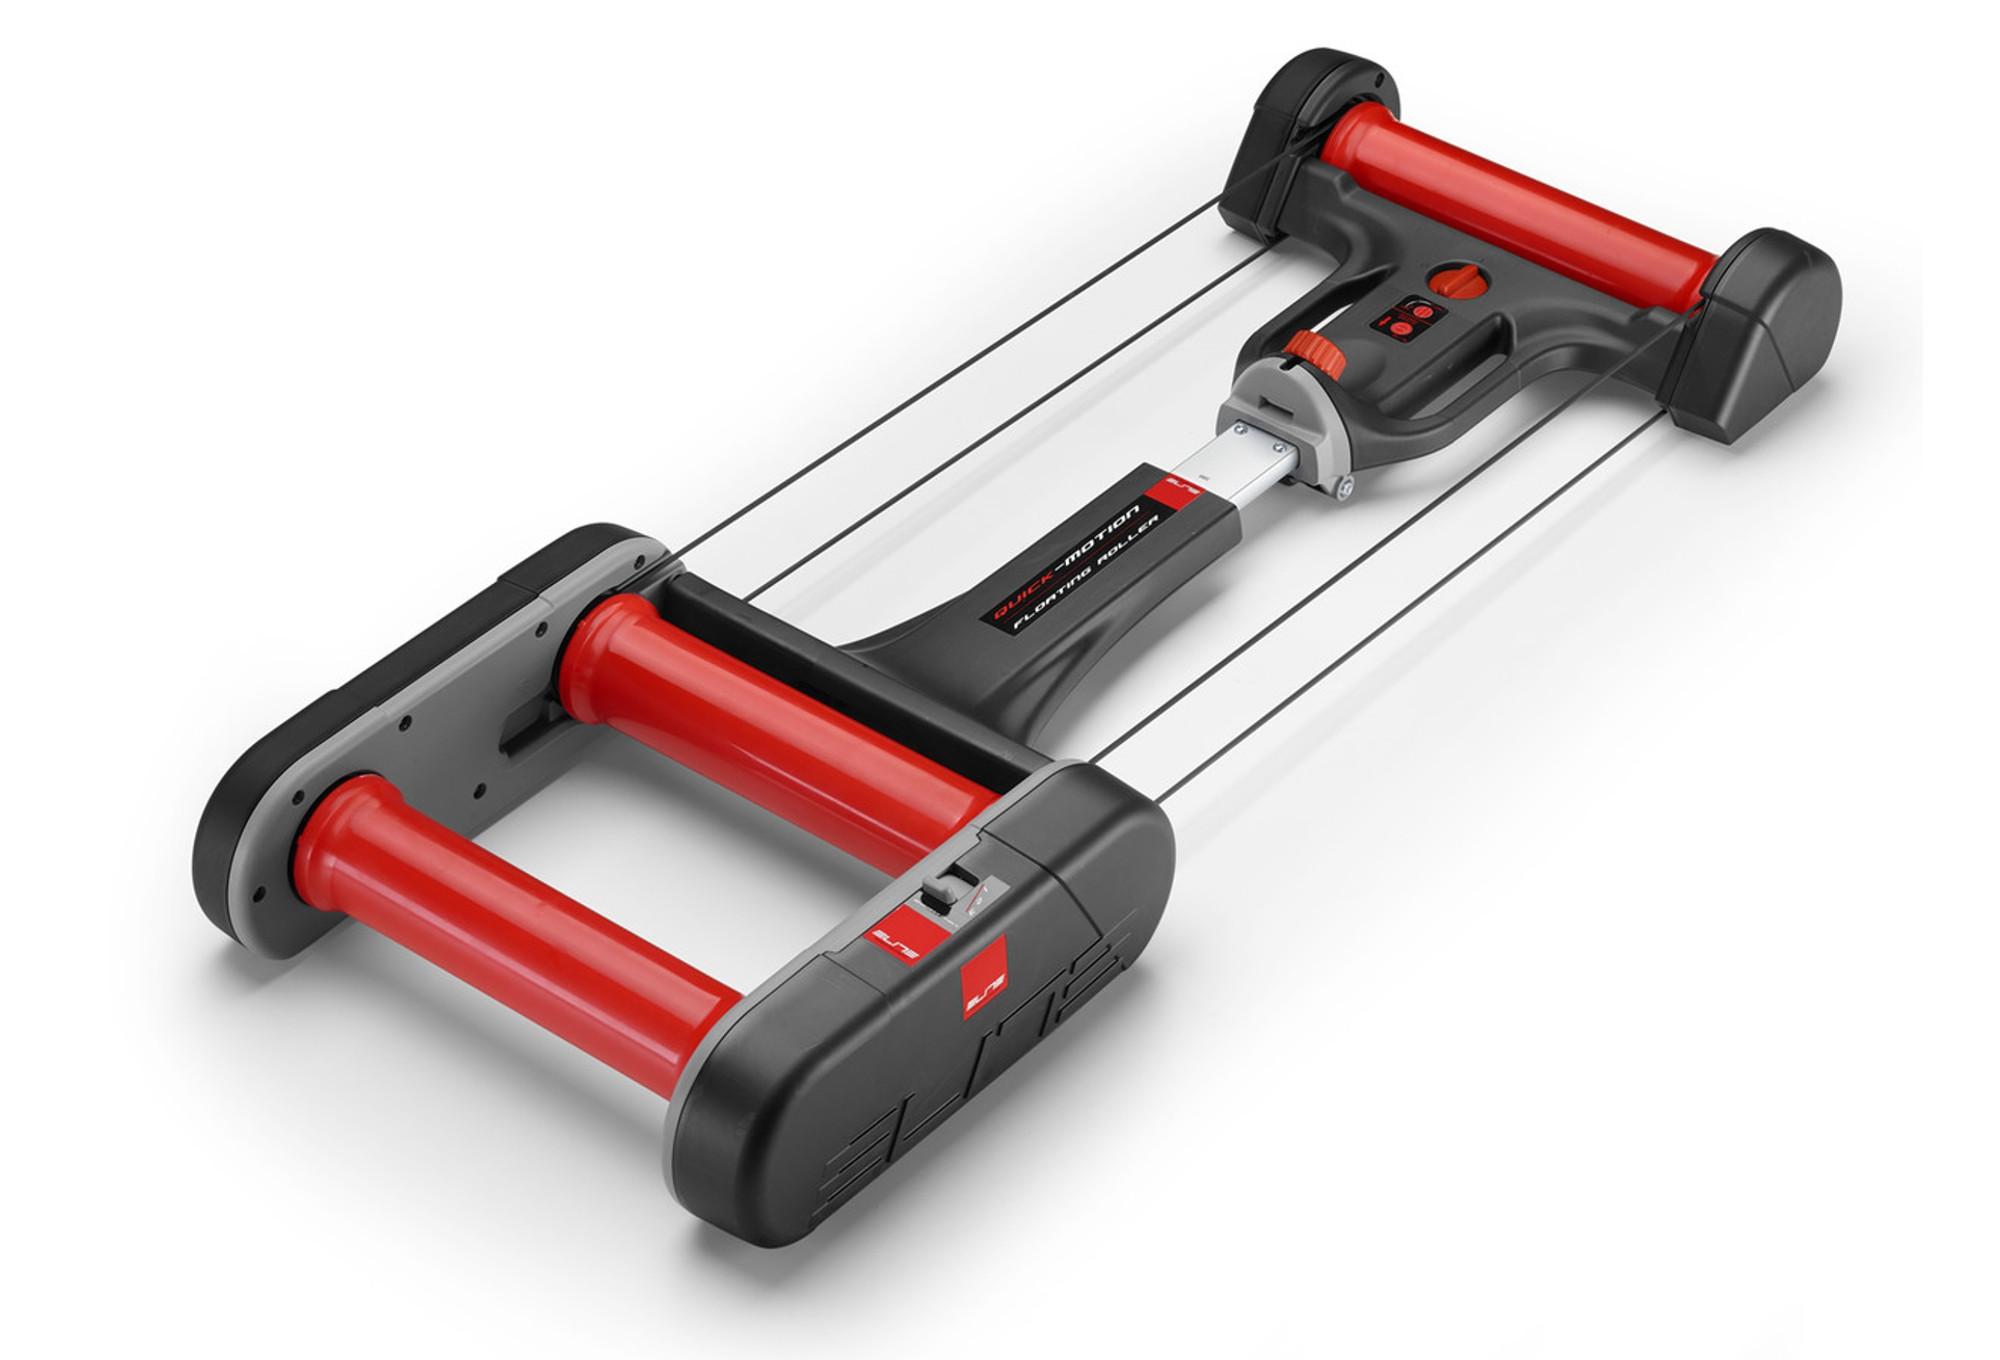 elite home trainer roller quick motion. Black Bedroom Furniture Sets. Home Design Ideas